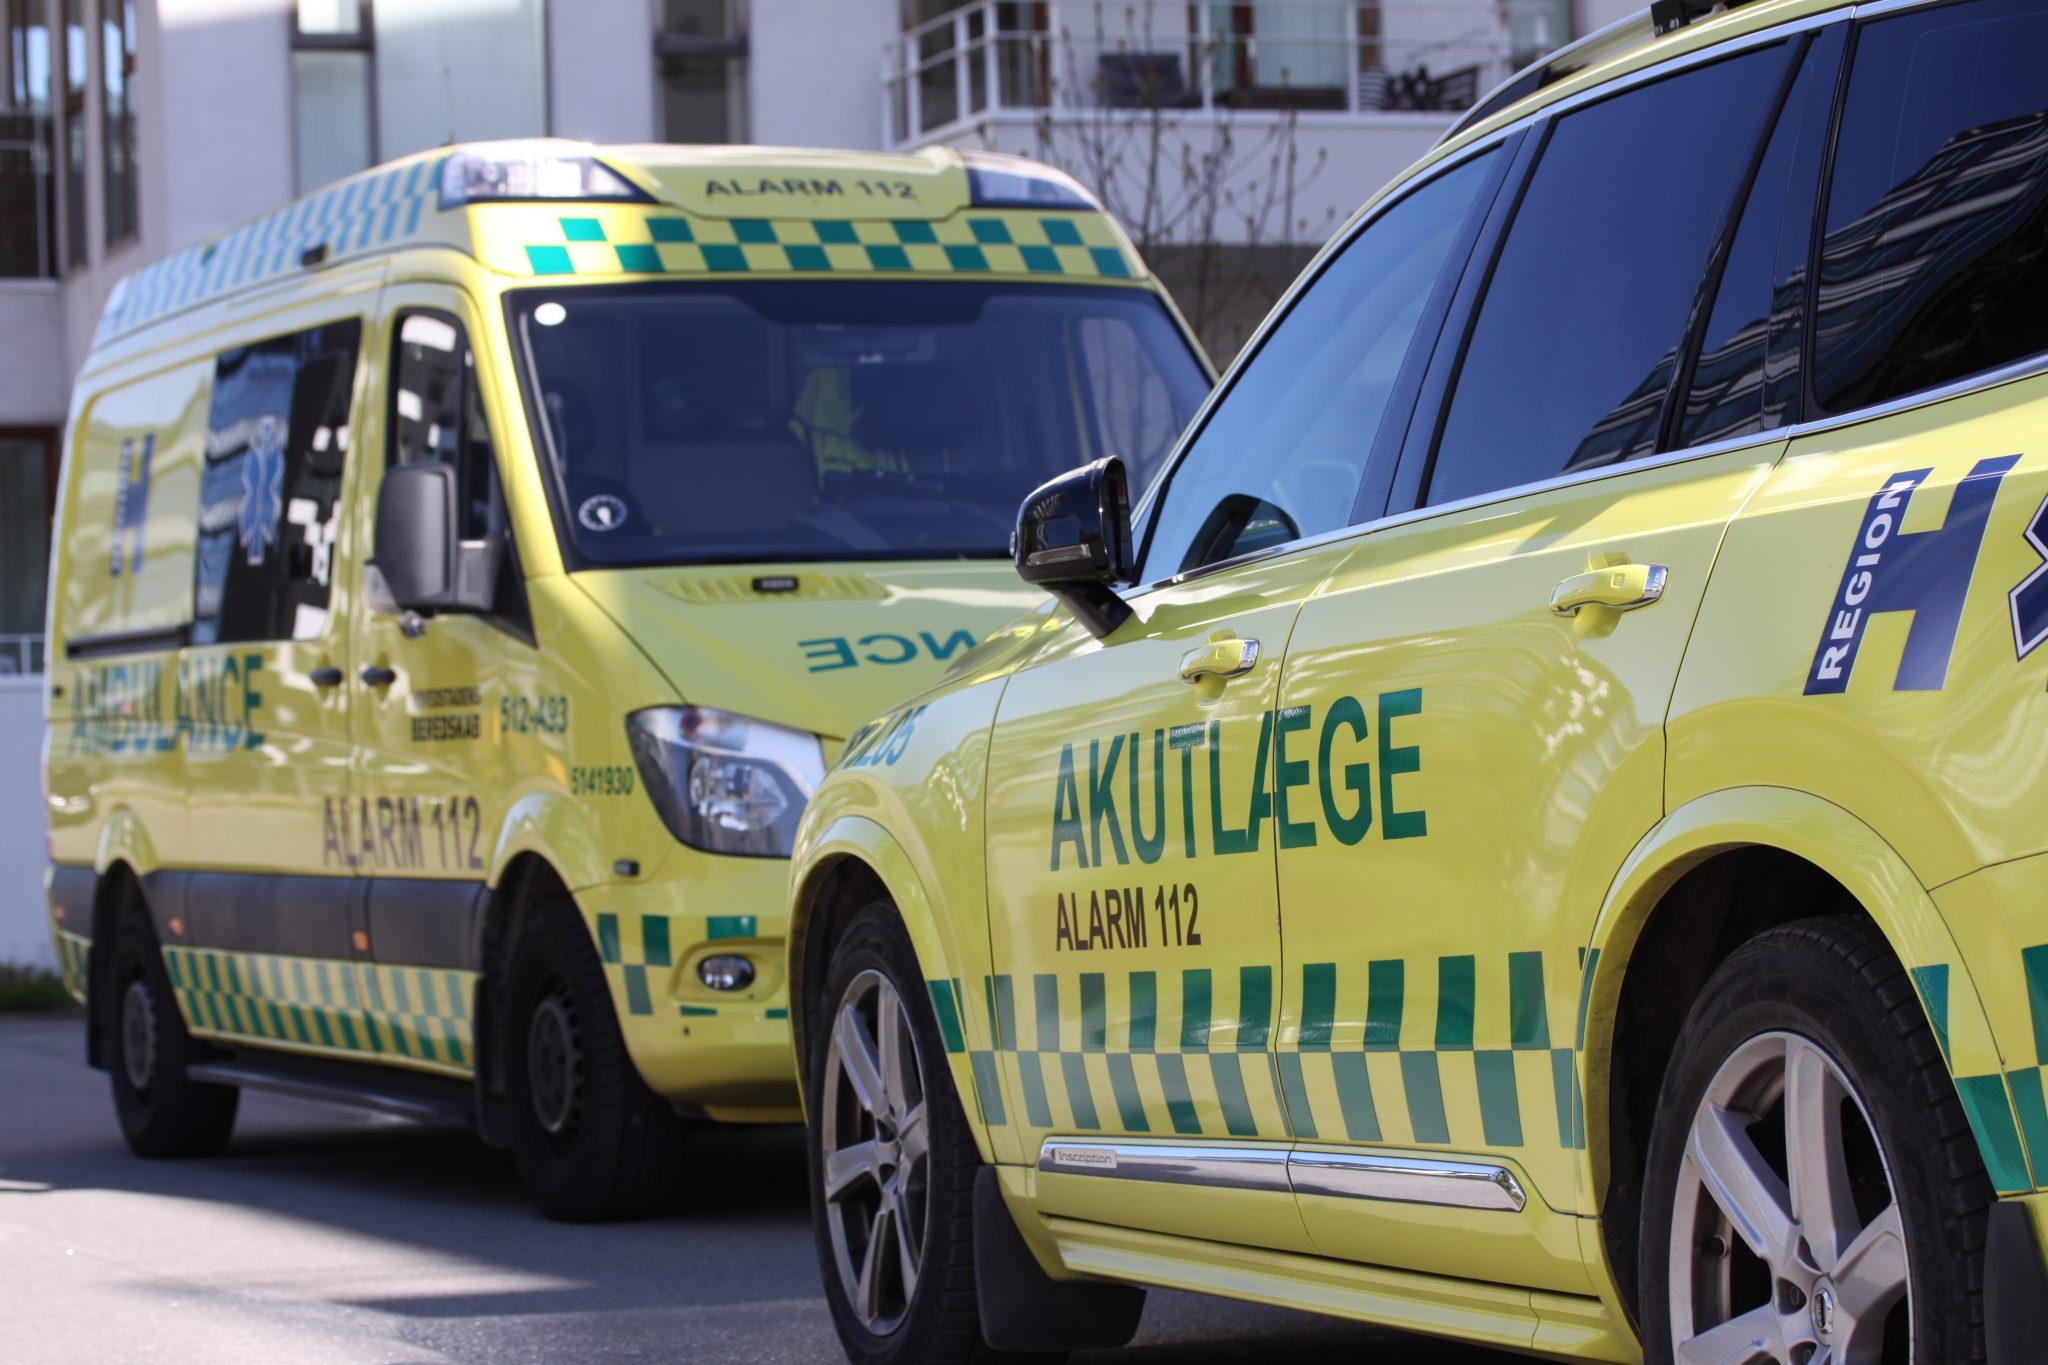 Tragisk ulykke: To mænd afgået ved døden